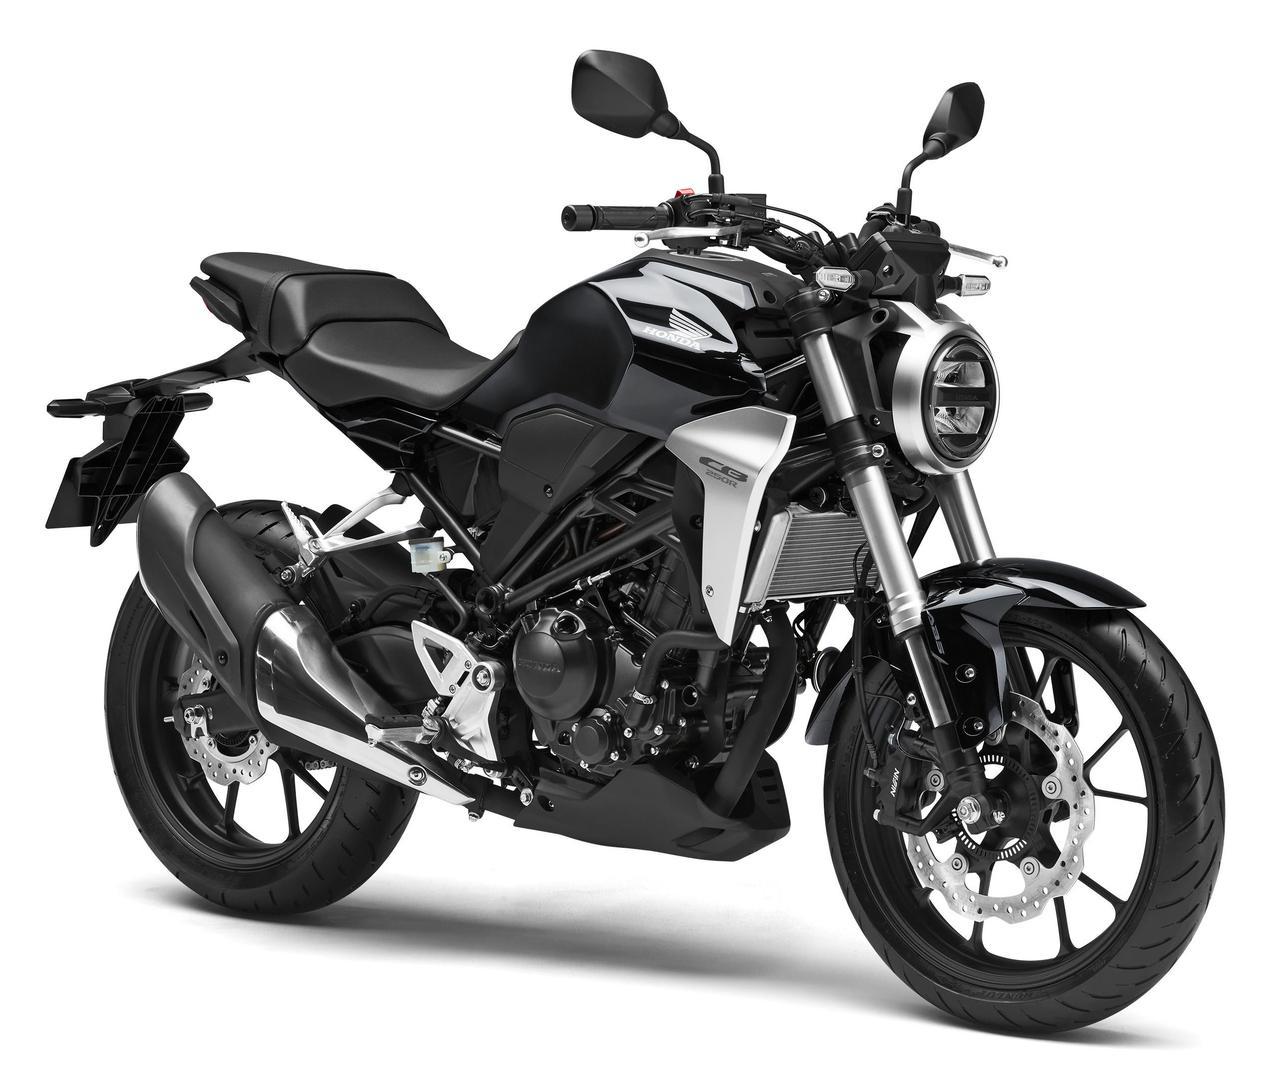 画像1: HONDA CB250R(ブラック) ■税込価格:50万3280円(※ABSは55万4040円)